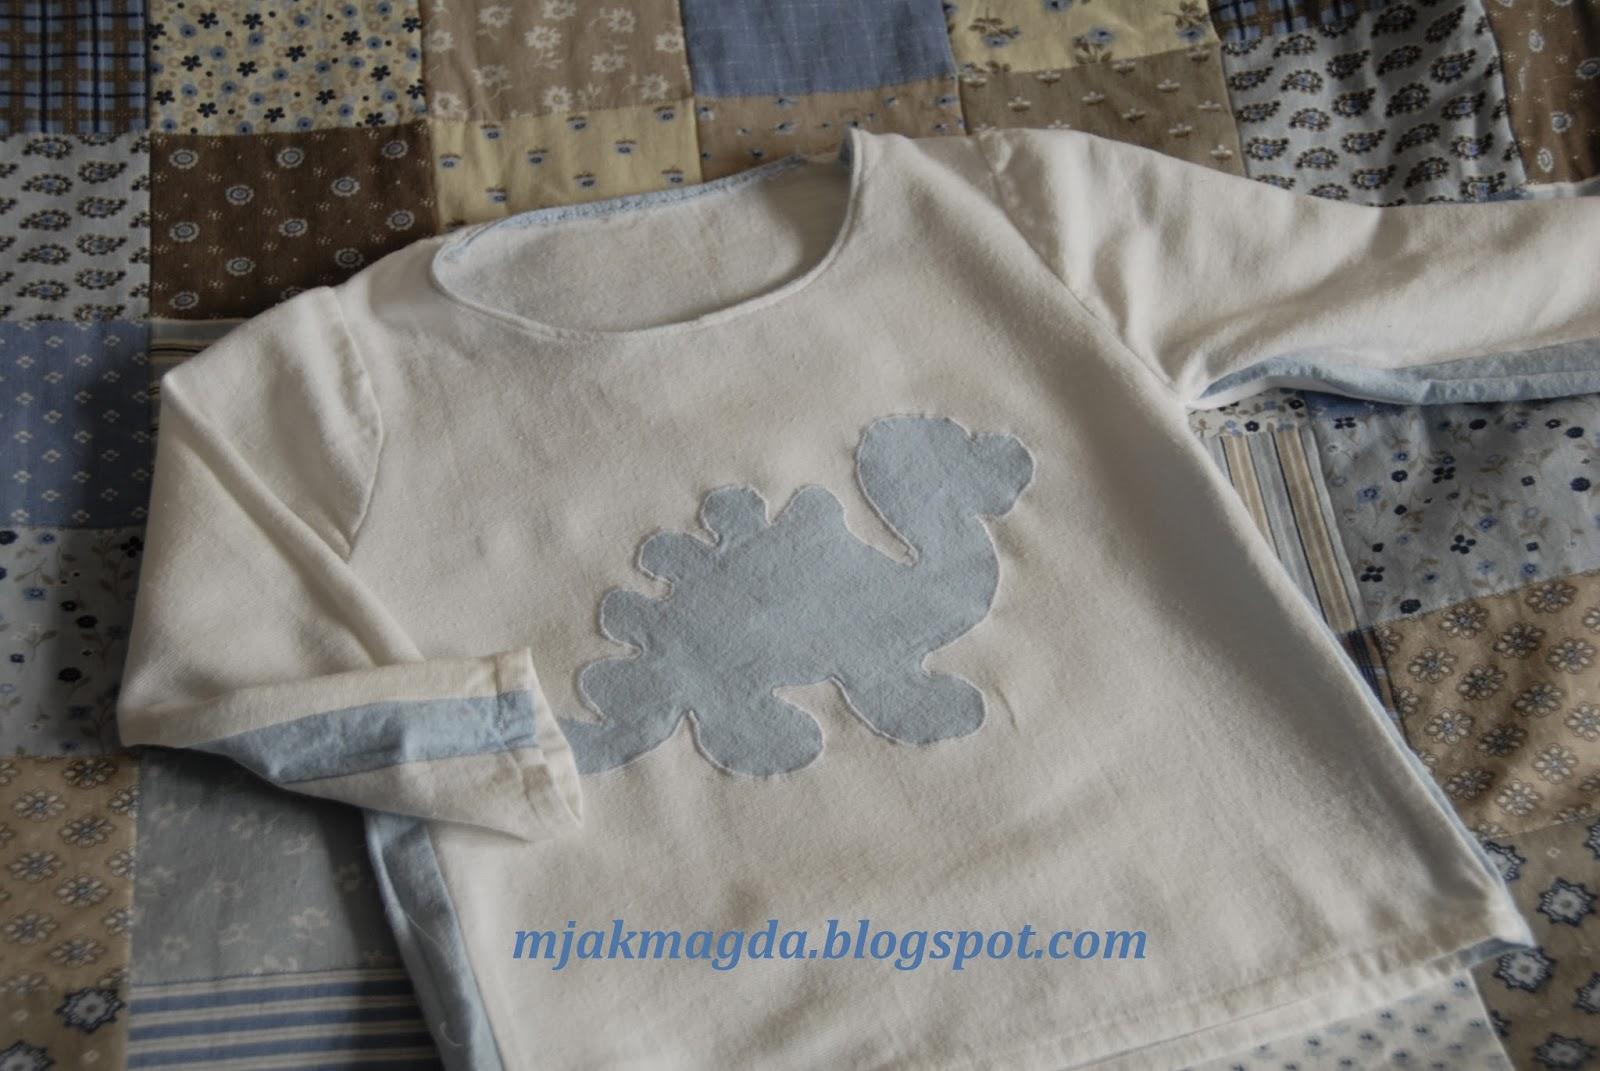 piżama, piżamka, spodnie, spodenki, bluza, bluzka, góra, koszulka, sen, spać, noc, nocna, odzież, ubranie, łóżko, do łóżka, długi, rękaw, nogawka, rękawek, dinozaur, dinuś, naszywka, aplikacja, uszyta, uszyj, flanela, flaneli, biała, biel, błękitna, niebieska, dziecko, dla dziecka, dziecięca, chłopiec, dziewczynka, syn, aplikacja, ozdoba, kolorowa, handmade, pajamas, pajamas, pants, shorts, shirt, blouse, top, shirt, sleep, sleep, night, night, clothing, clothes, bed, bed, long, sleeve, leg, sleeves, dinosaur, Dinuš, stripe, application, made , Tailor, flannel, flannel, white, white, blue, blue, child, for child, children, boy, girl, son, application, decoration, colorful, handmade,